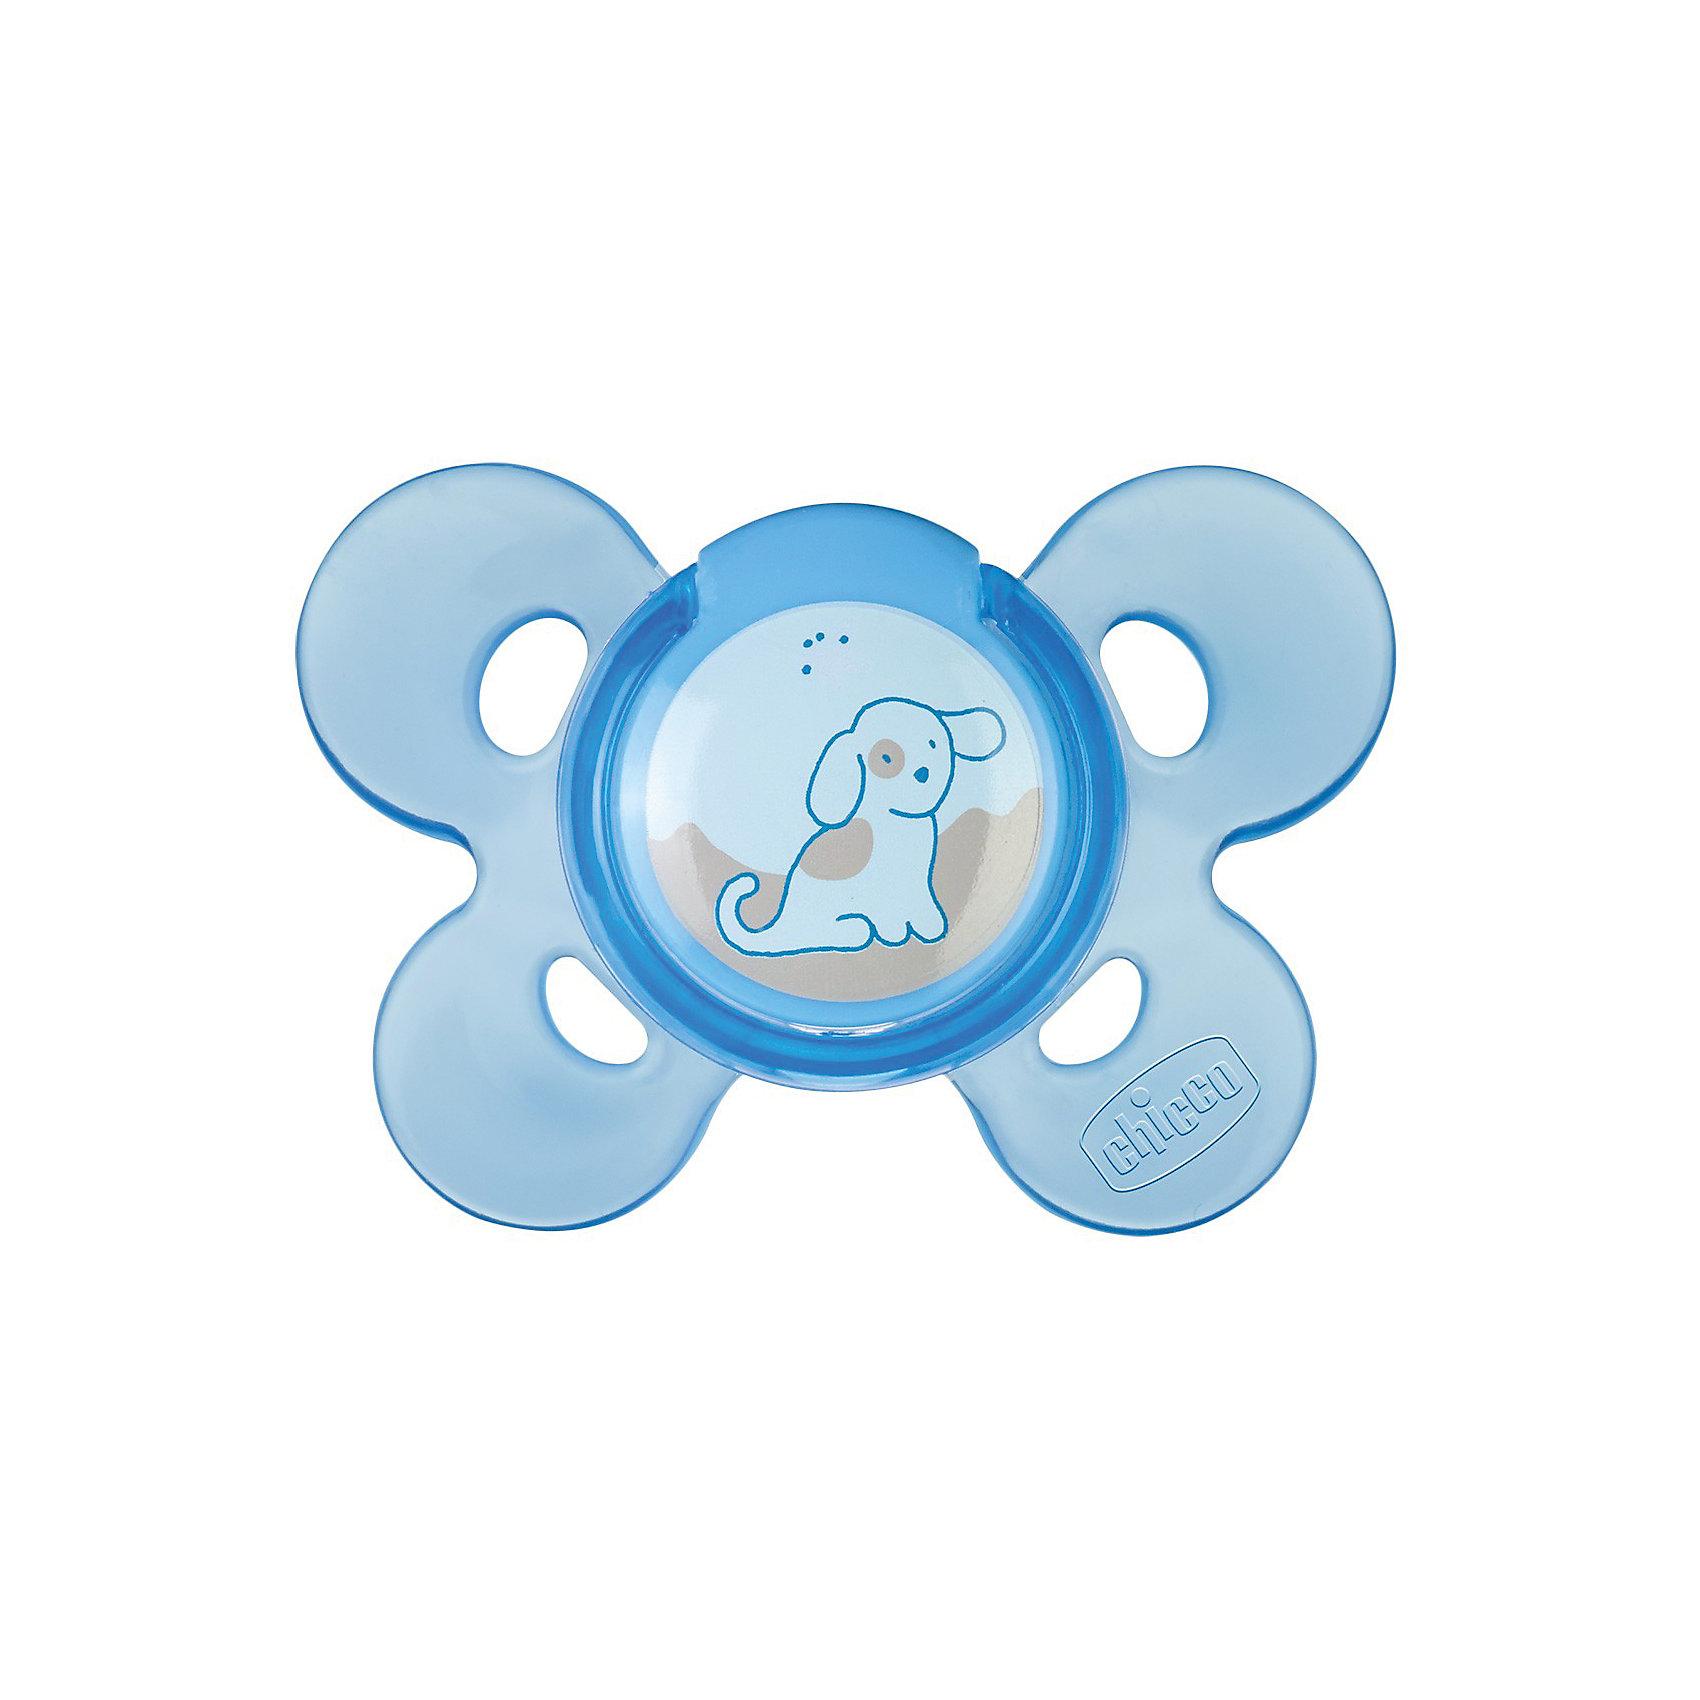 Пустышка Physio Comfort, 1шт., 0мес.+, силикон,Собачка, CHICCOПустышка Physio Comfort от известного итальянского бренда Chicco разработана совместно с ведущими ортодонтами и учитывает анатомические особенности ротовой полости грудного ребенка. Такая пустышка не препятствует процессу правильного формирования ротовой полости. <br>Она производится из специально разработанного очень мягкого силикона, без использования пластика. Ультратонкий профиль у основания нагубника позволит ребенку естественно закрывать рот. Желоб на окончании пустышки обеспечит естественное положение языка и будет способствовать правильному прикусу. Выступы там же созданы для давления во время сосания, они имитируют естественные ощущение неба. Отверстия в нагубнике сделаны для притока воздуха к коже ребенка. В комплекте - футляр.<br><br>Дополнительная информация:<br><br>возраст: с рождения;<br>материал: силикон;<br>украшена изображением собачки;<br>анатомическая форма;<br>вентиляция.<br><br>Пустышку Physio Comfort от бренда CHICCO можно купить в нашем интернет-магазине.<br><br>Ширина мм: 130<br>Глубина мм: 80<br>Высота мм: 50<br>Вес г: 39<br>Возраст от месяцев: 0<br>Возраст до месяцев: 2<br>Пол: Мужской<br>Возраст: Детский<br>SKU: 4803971